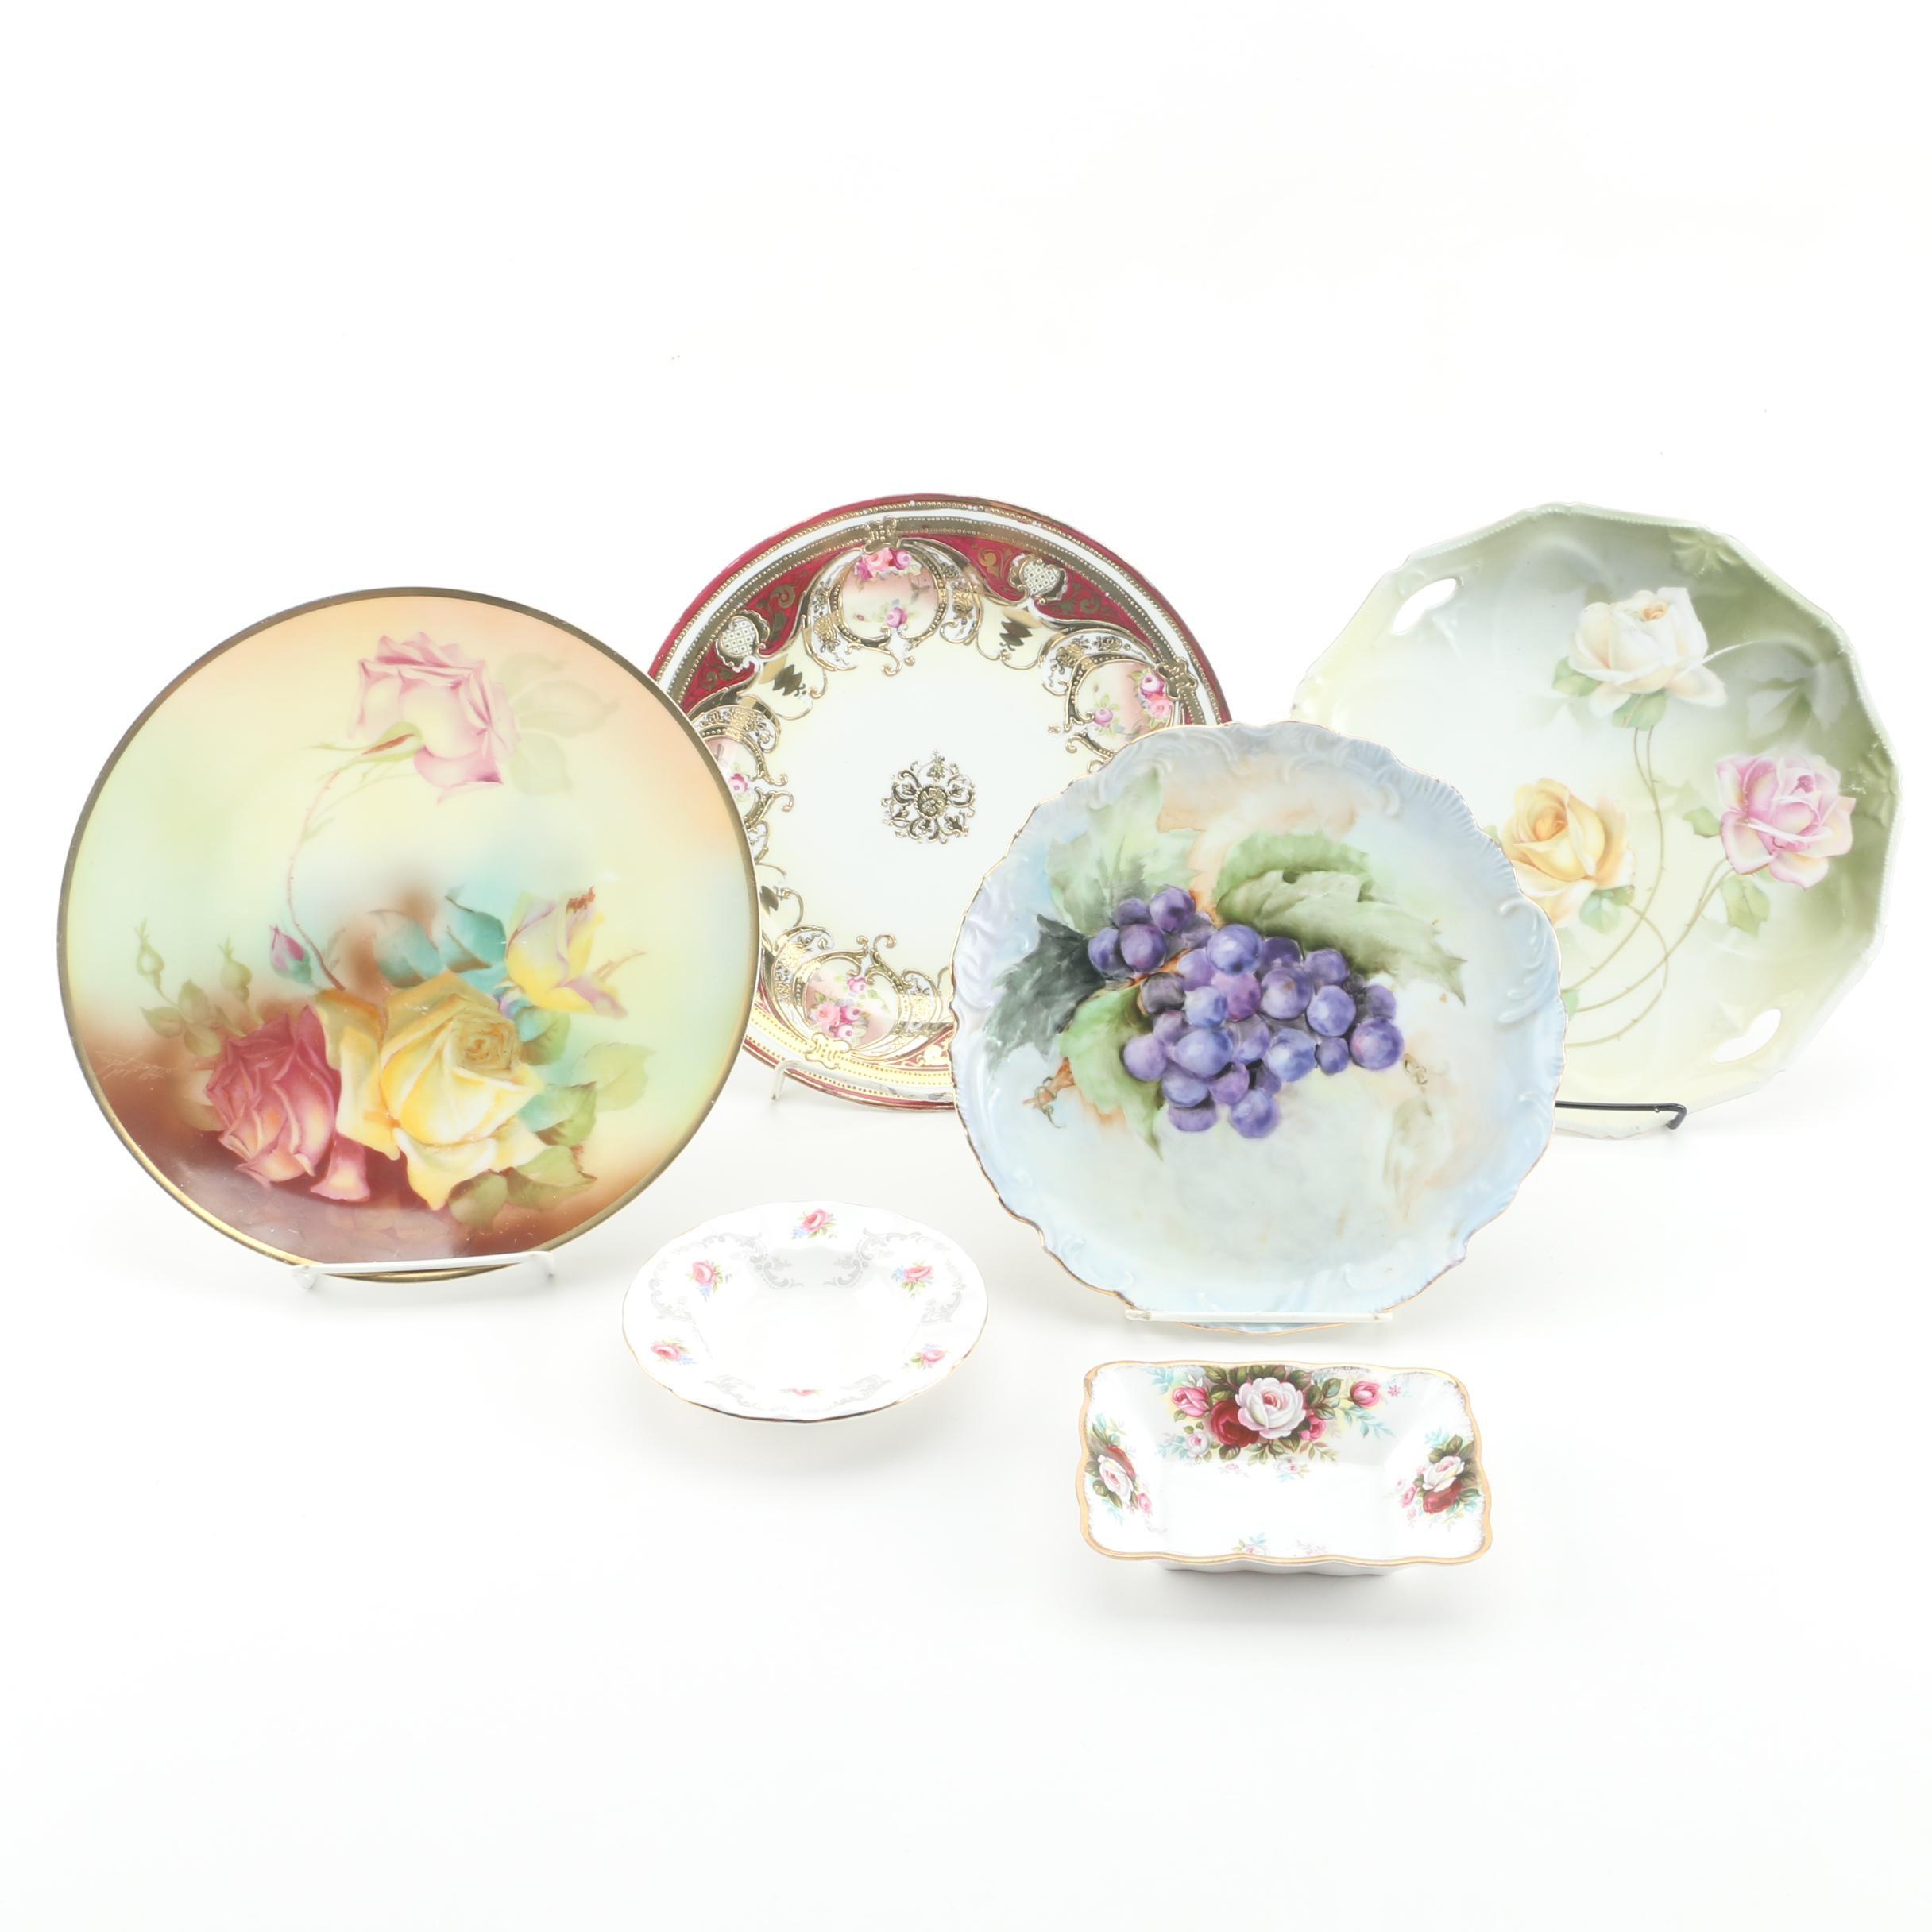 Vintage Porcelain Tableware Including RS Germany